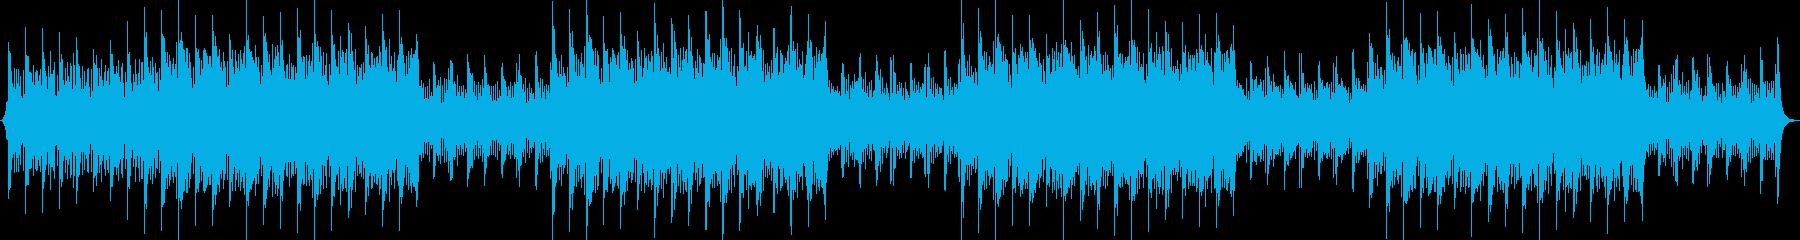 企業VP、オーケストラ・壮大・感動的の再生済みの波形